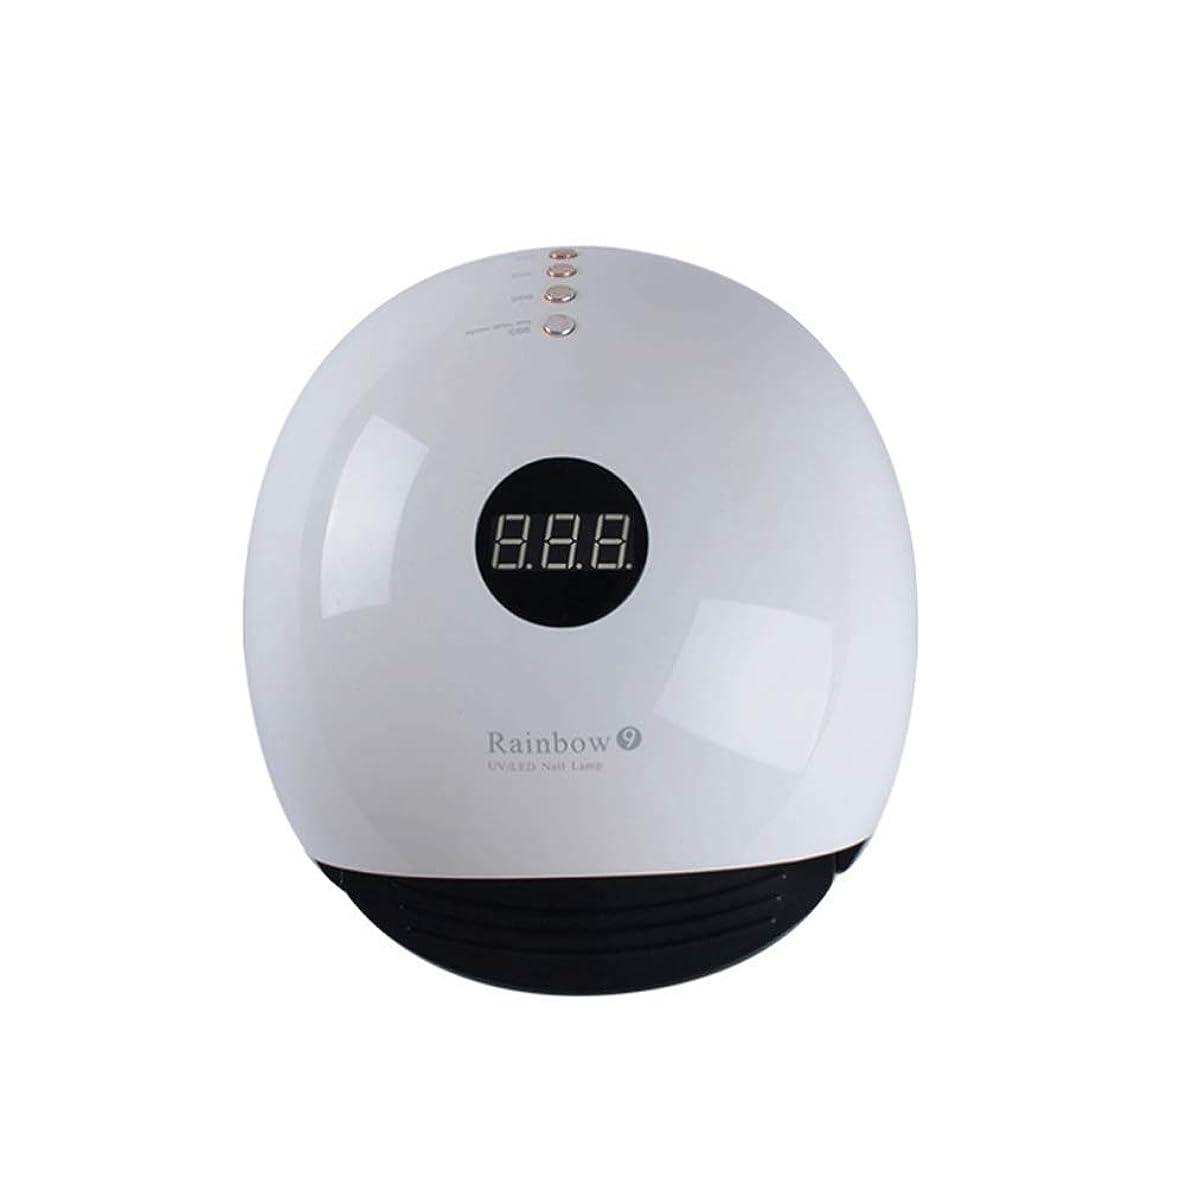 耐えられない住居無しネイル光線療法機 ネイルドライヤー - ネイルランプタイミング48W日光インテリジェント誘導ネイルライトセラピーランプ (色 : 白)